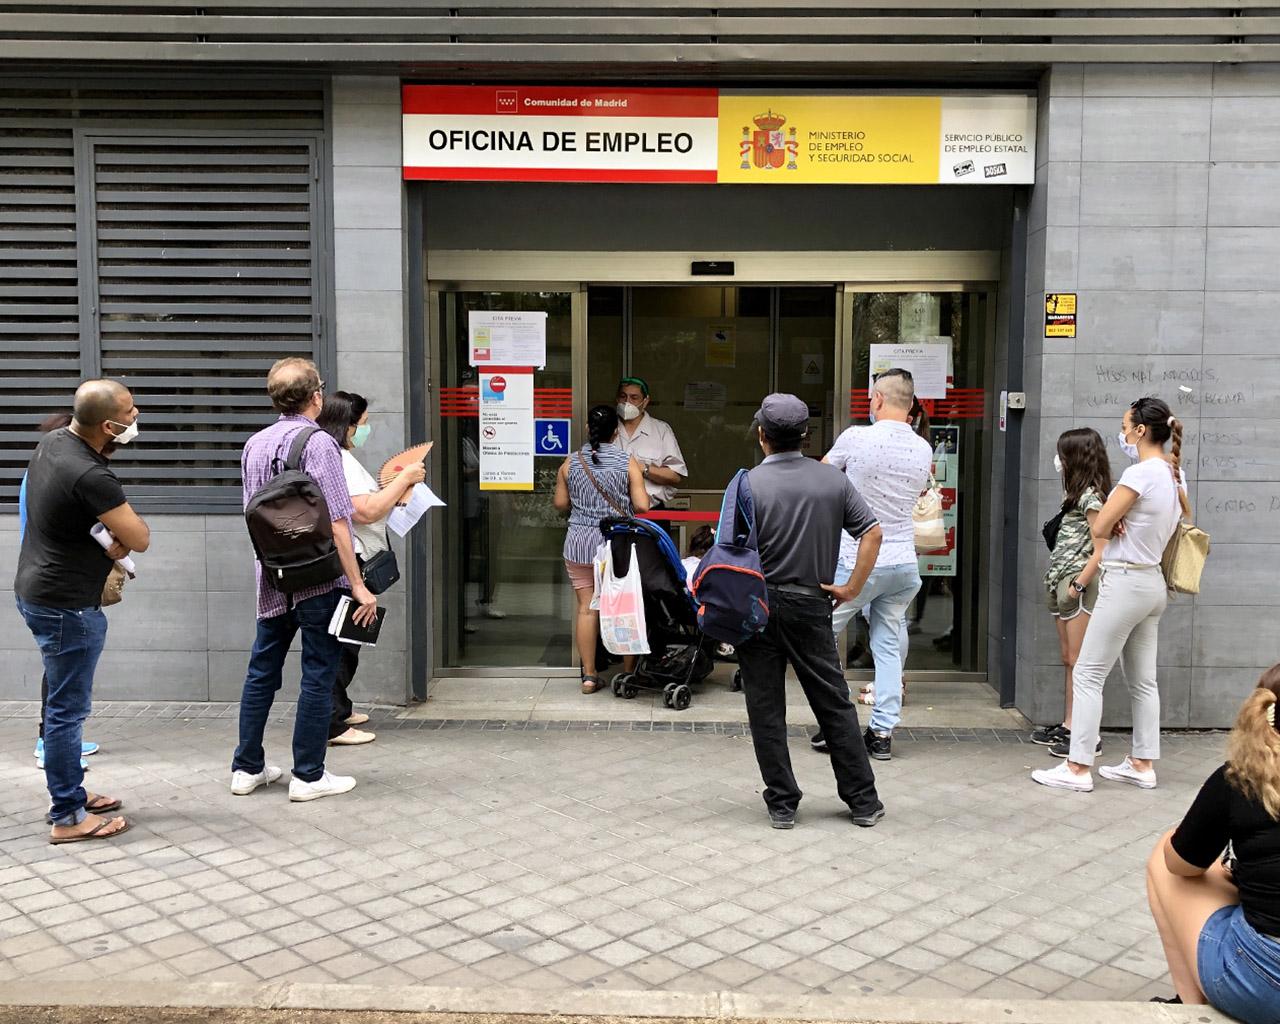 Ciudadanos esperan en una oficina de empleo en  el barrio de Arganzuela. Madrid. 09/07/2020.